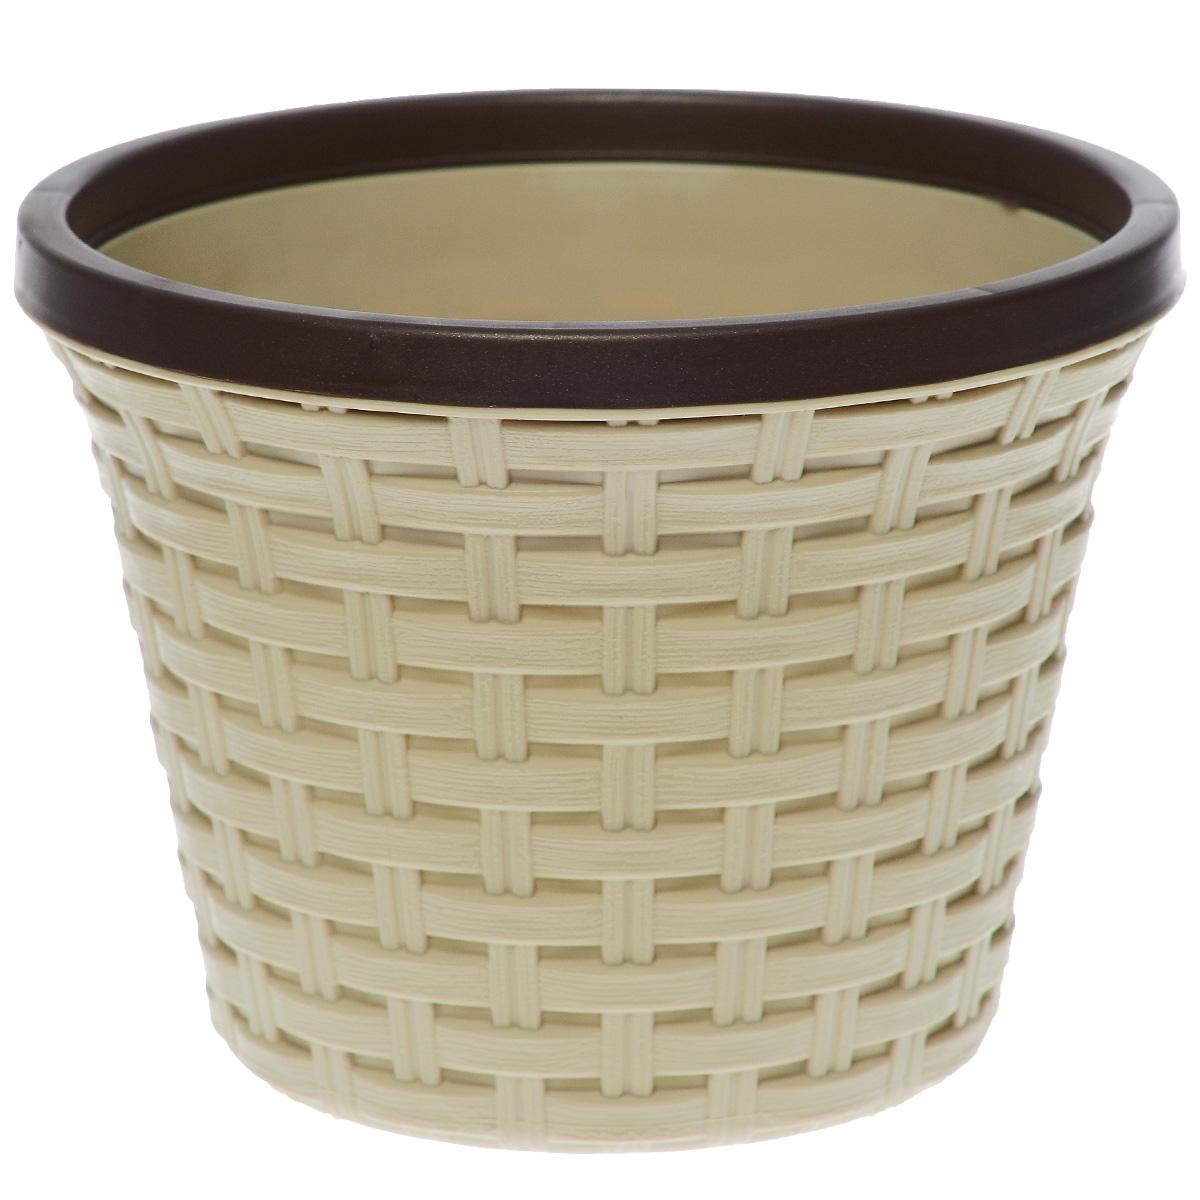 Кашпо Violet Ротанг, с дренажной системой, цвет: бежевый, 2,2 л32220/2Кашпо Violet Ротанг изготовлено из высококачественного пластика и оснащено дренажной системой для быстрого отведения избытка воды при поливе. Изделие прекрасно подходит для выращивания растений и цветов в домашних условиях. Лаконичный дизайн впишется в интерьер любого помещения.Объем: 2,2 л.